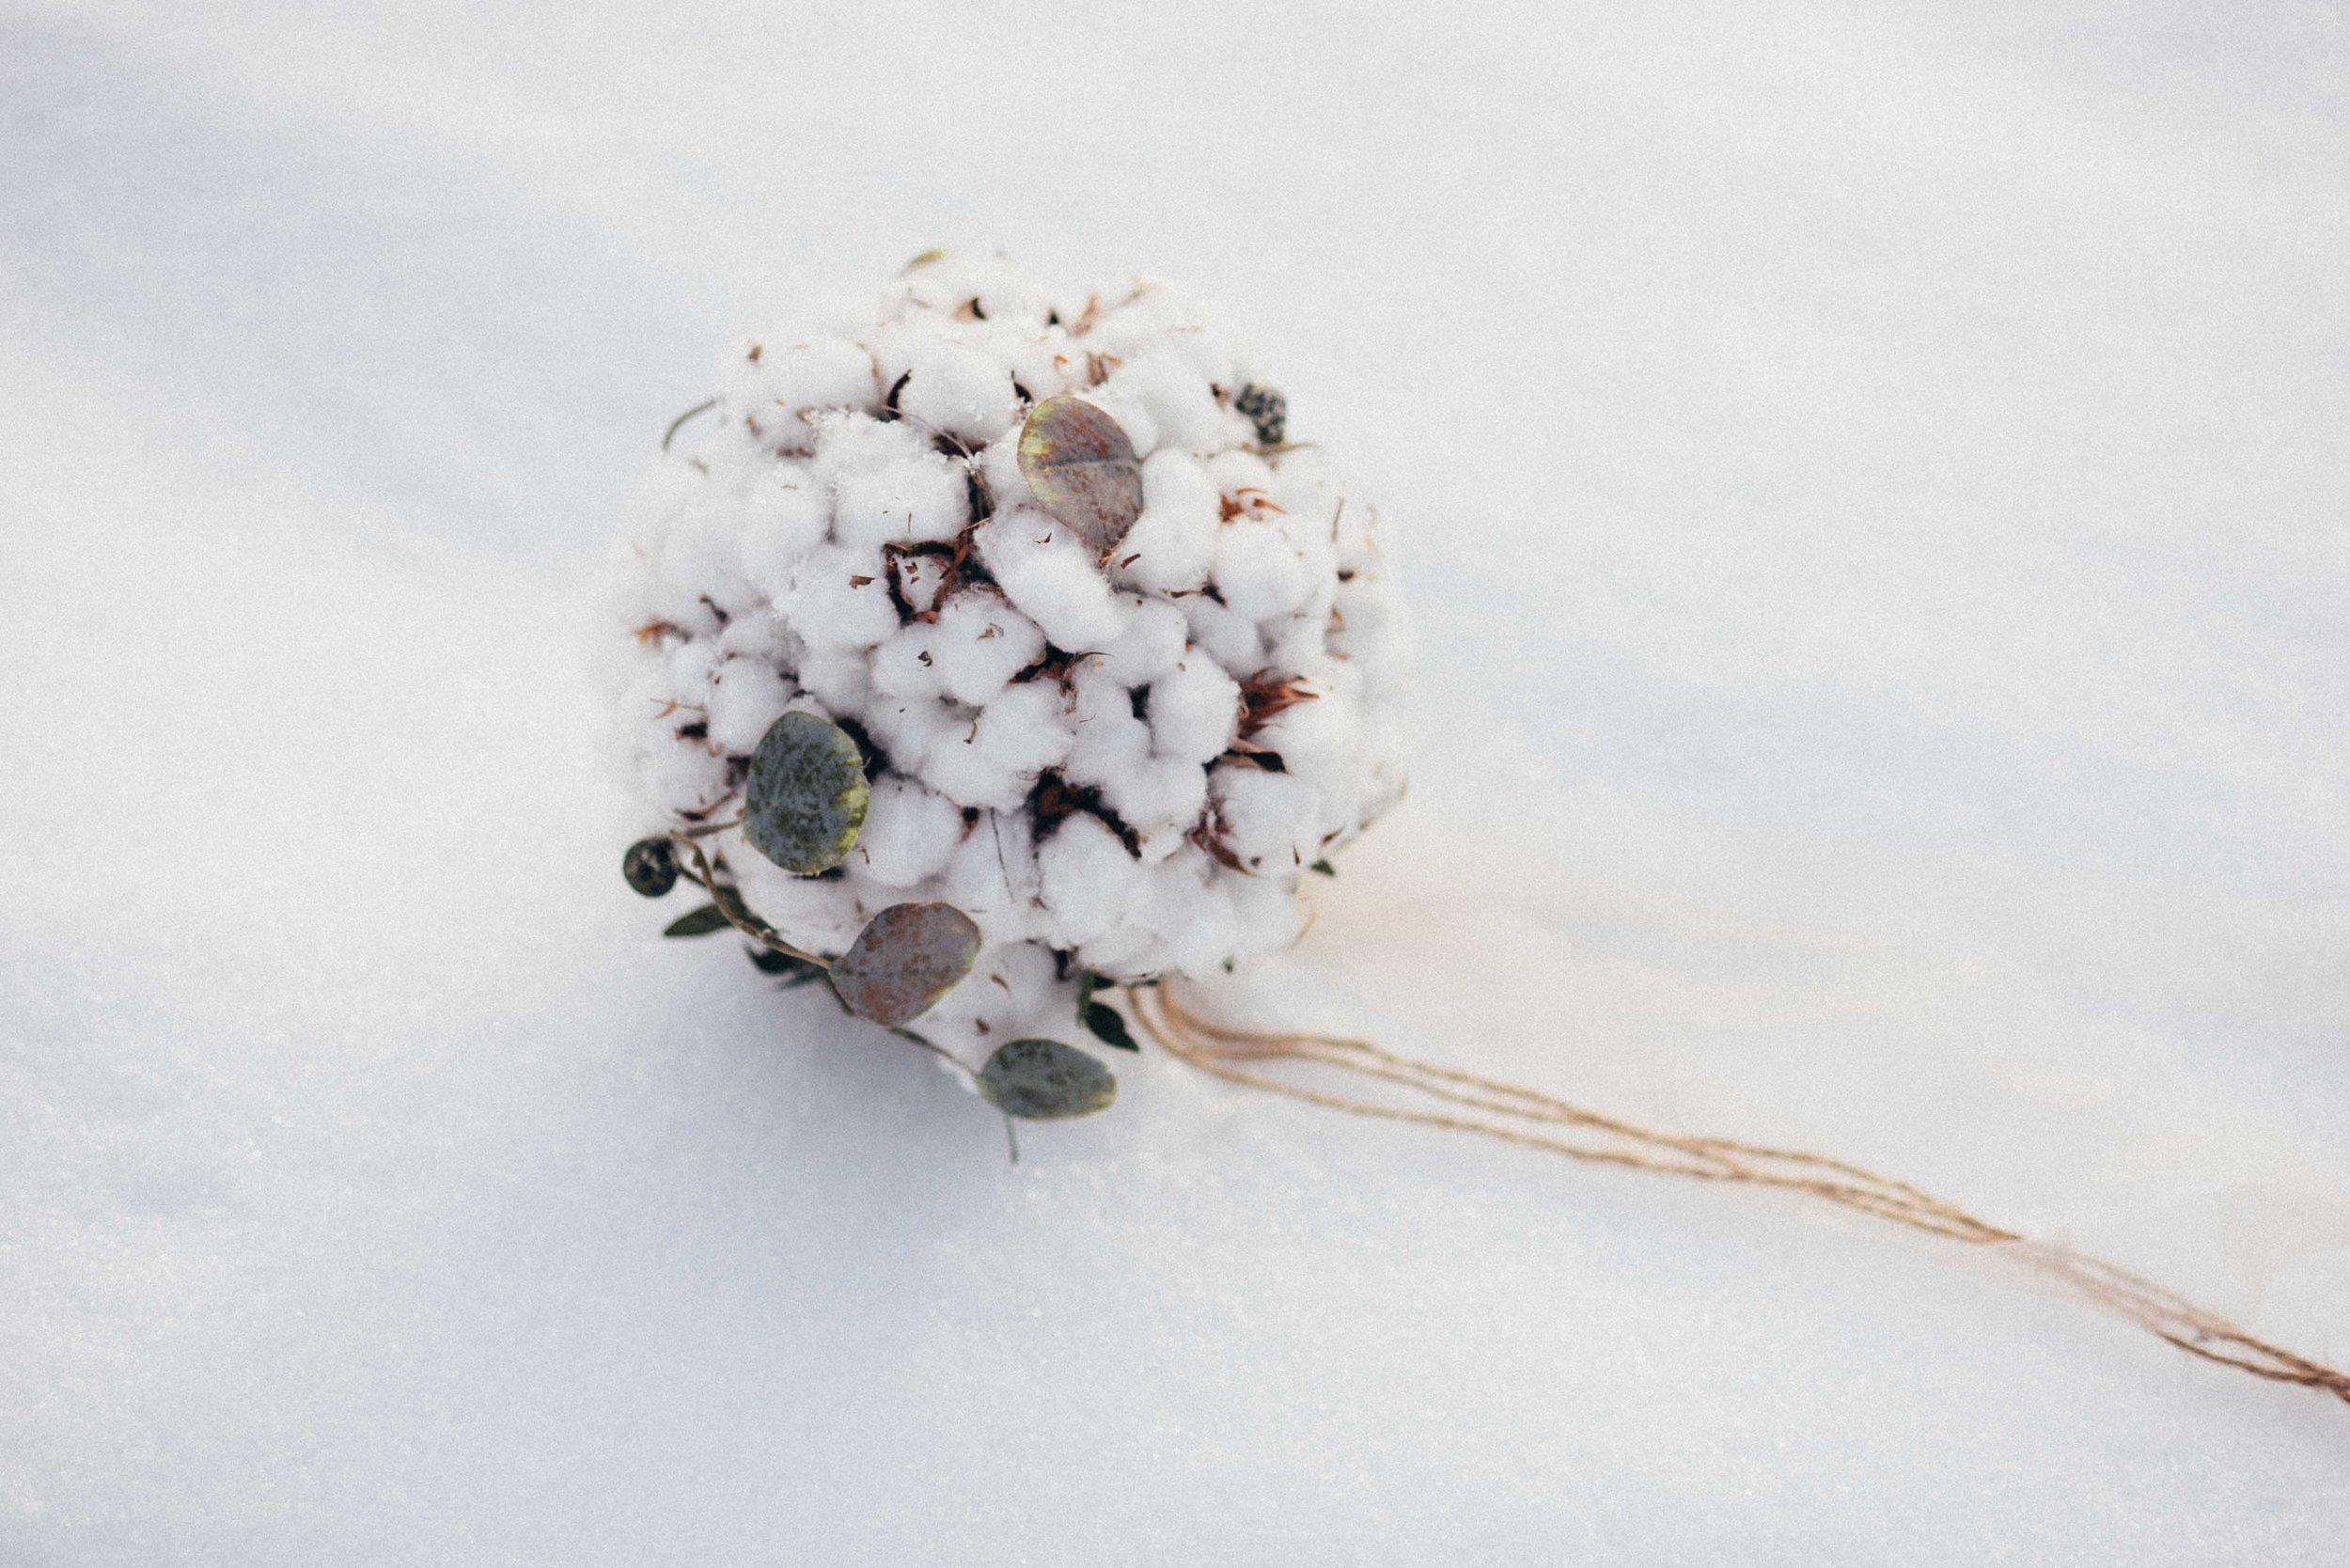 Snow Bride Winterhochzeit Schnne Braut-2778.jpg